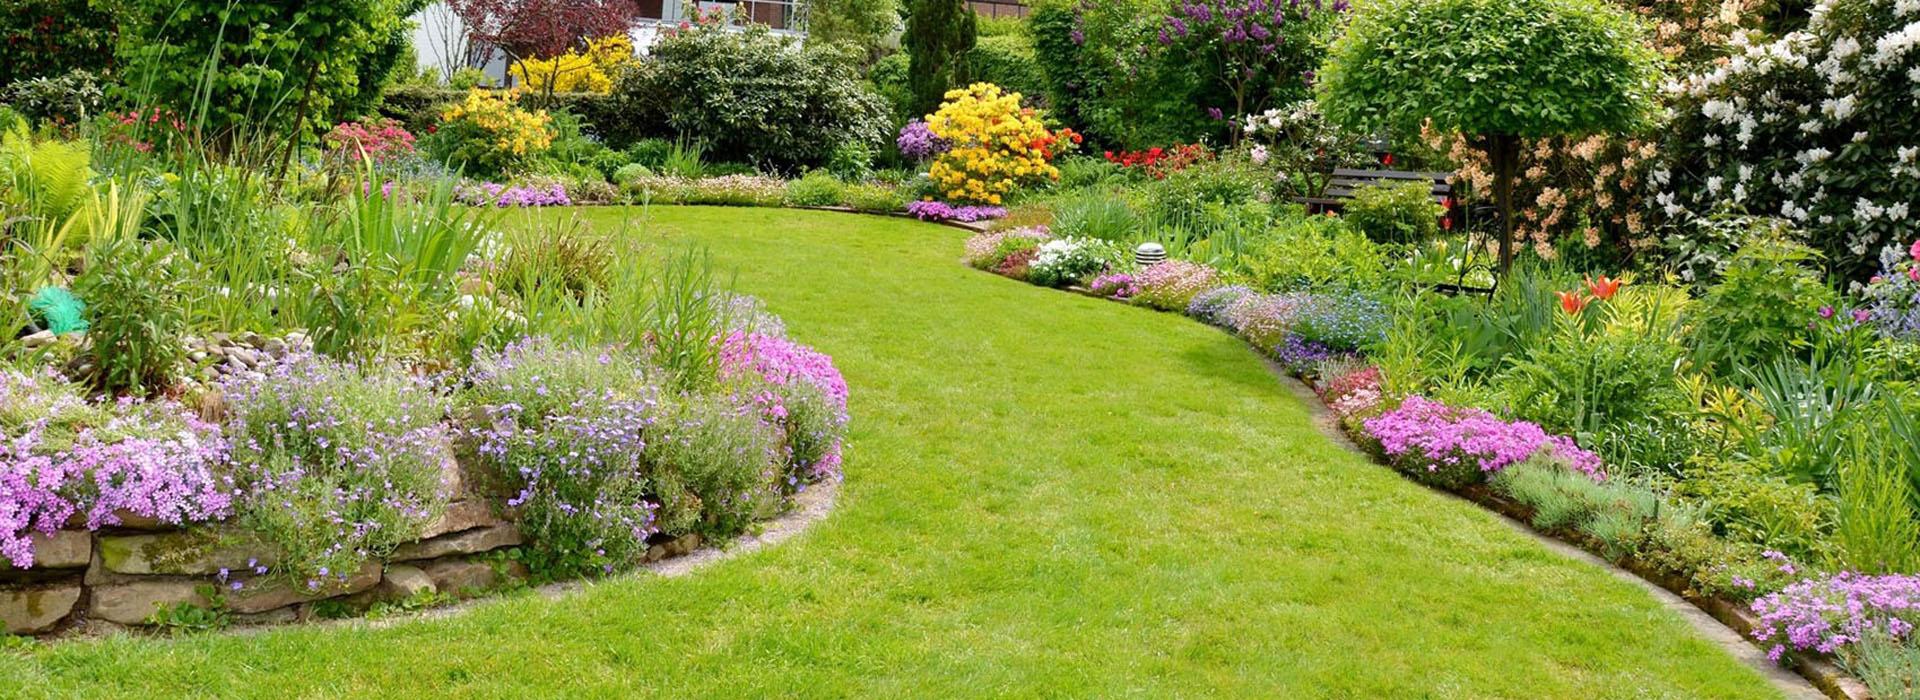 Giardiniere milano realizzazione giardini e terrazzi - Terrazzo giardino ...